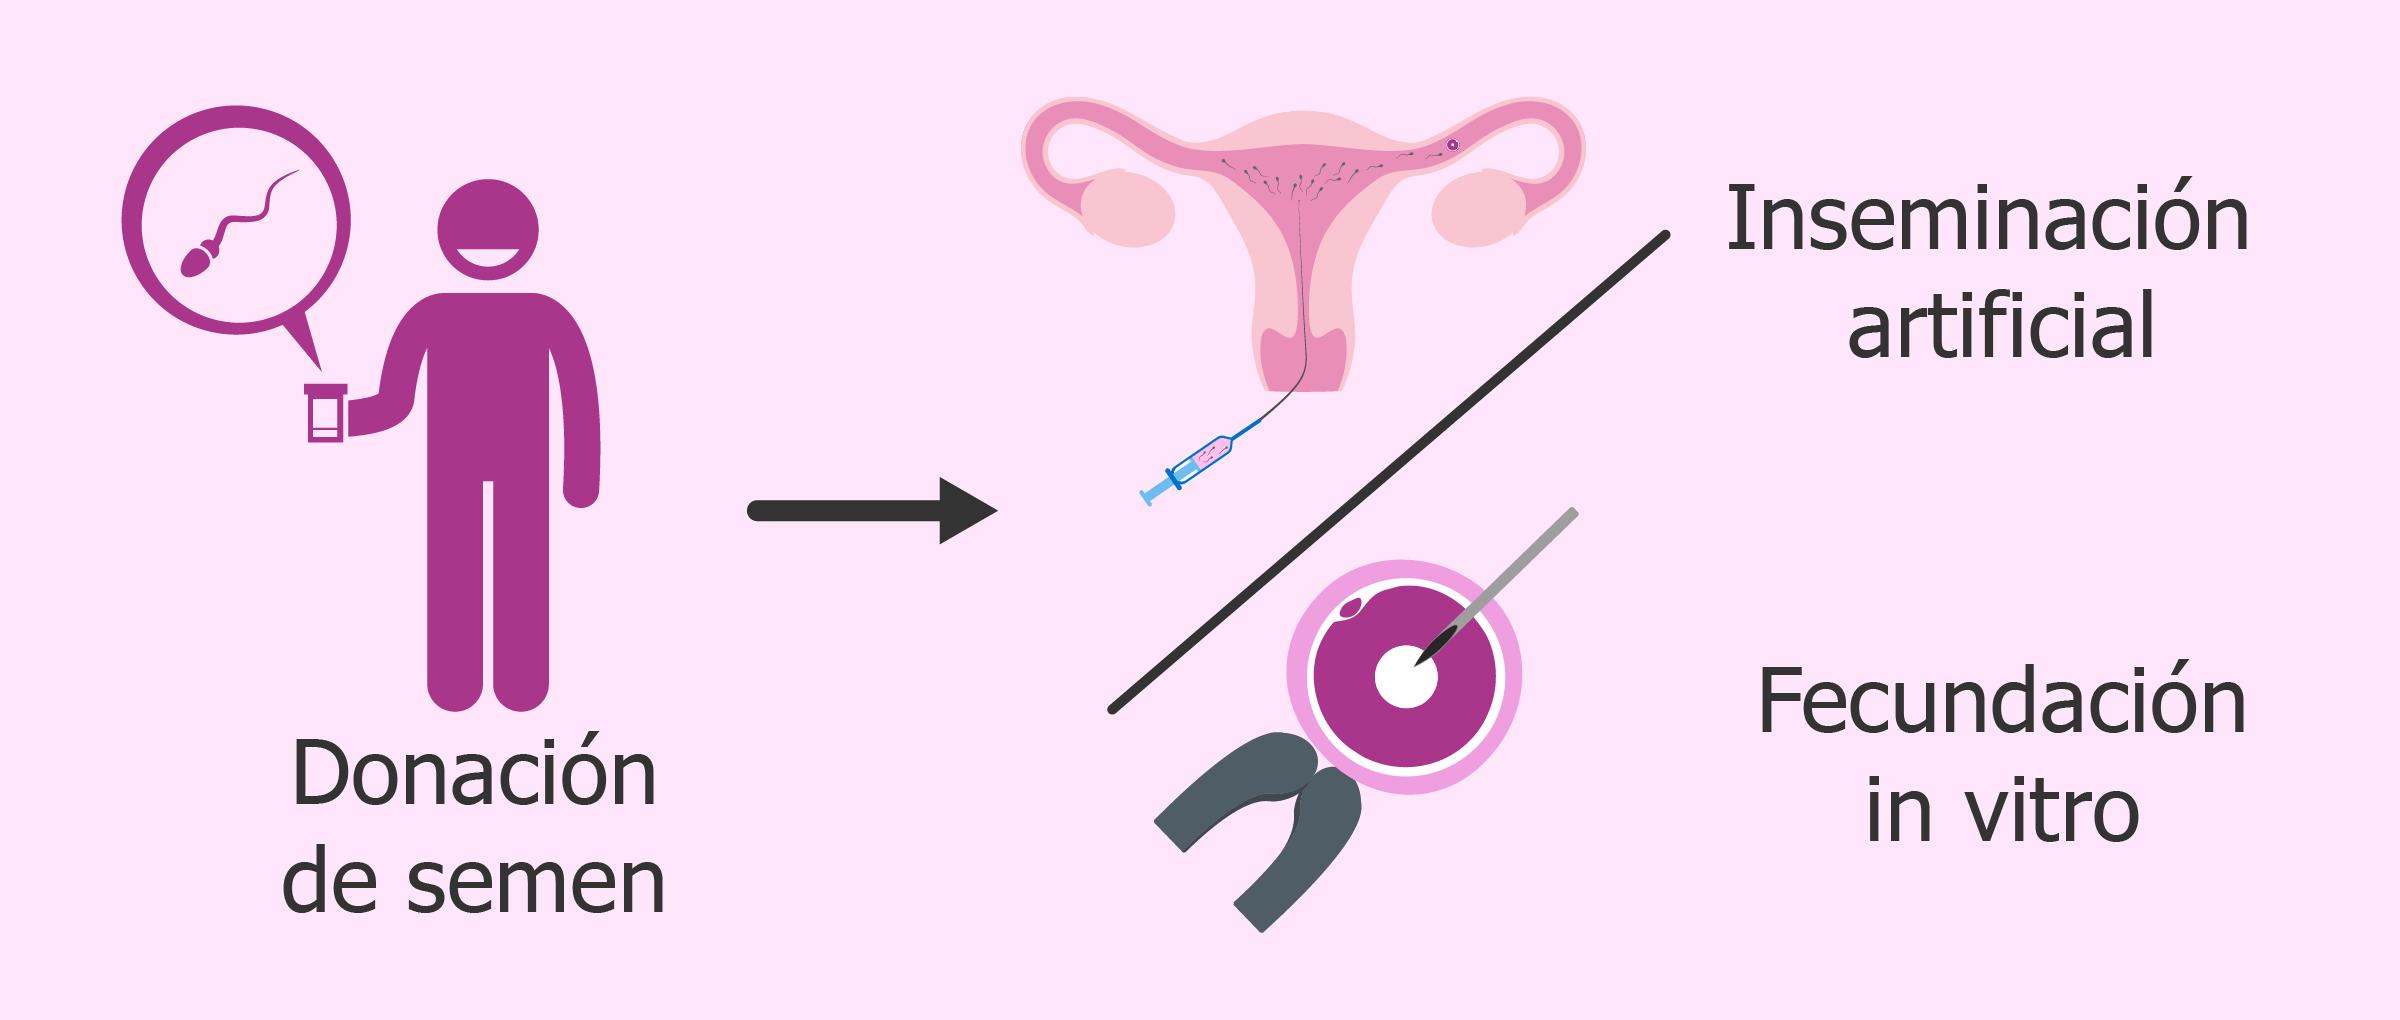 Donación de semen para inseminación artificial o para FIV